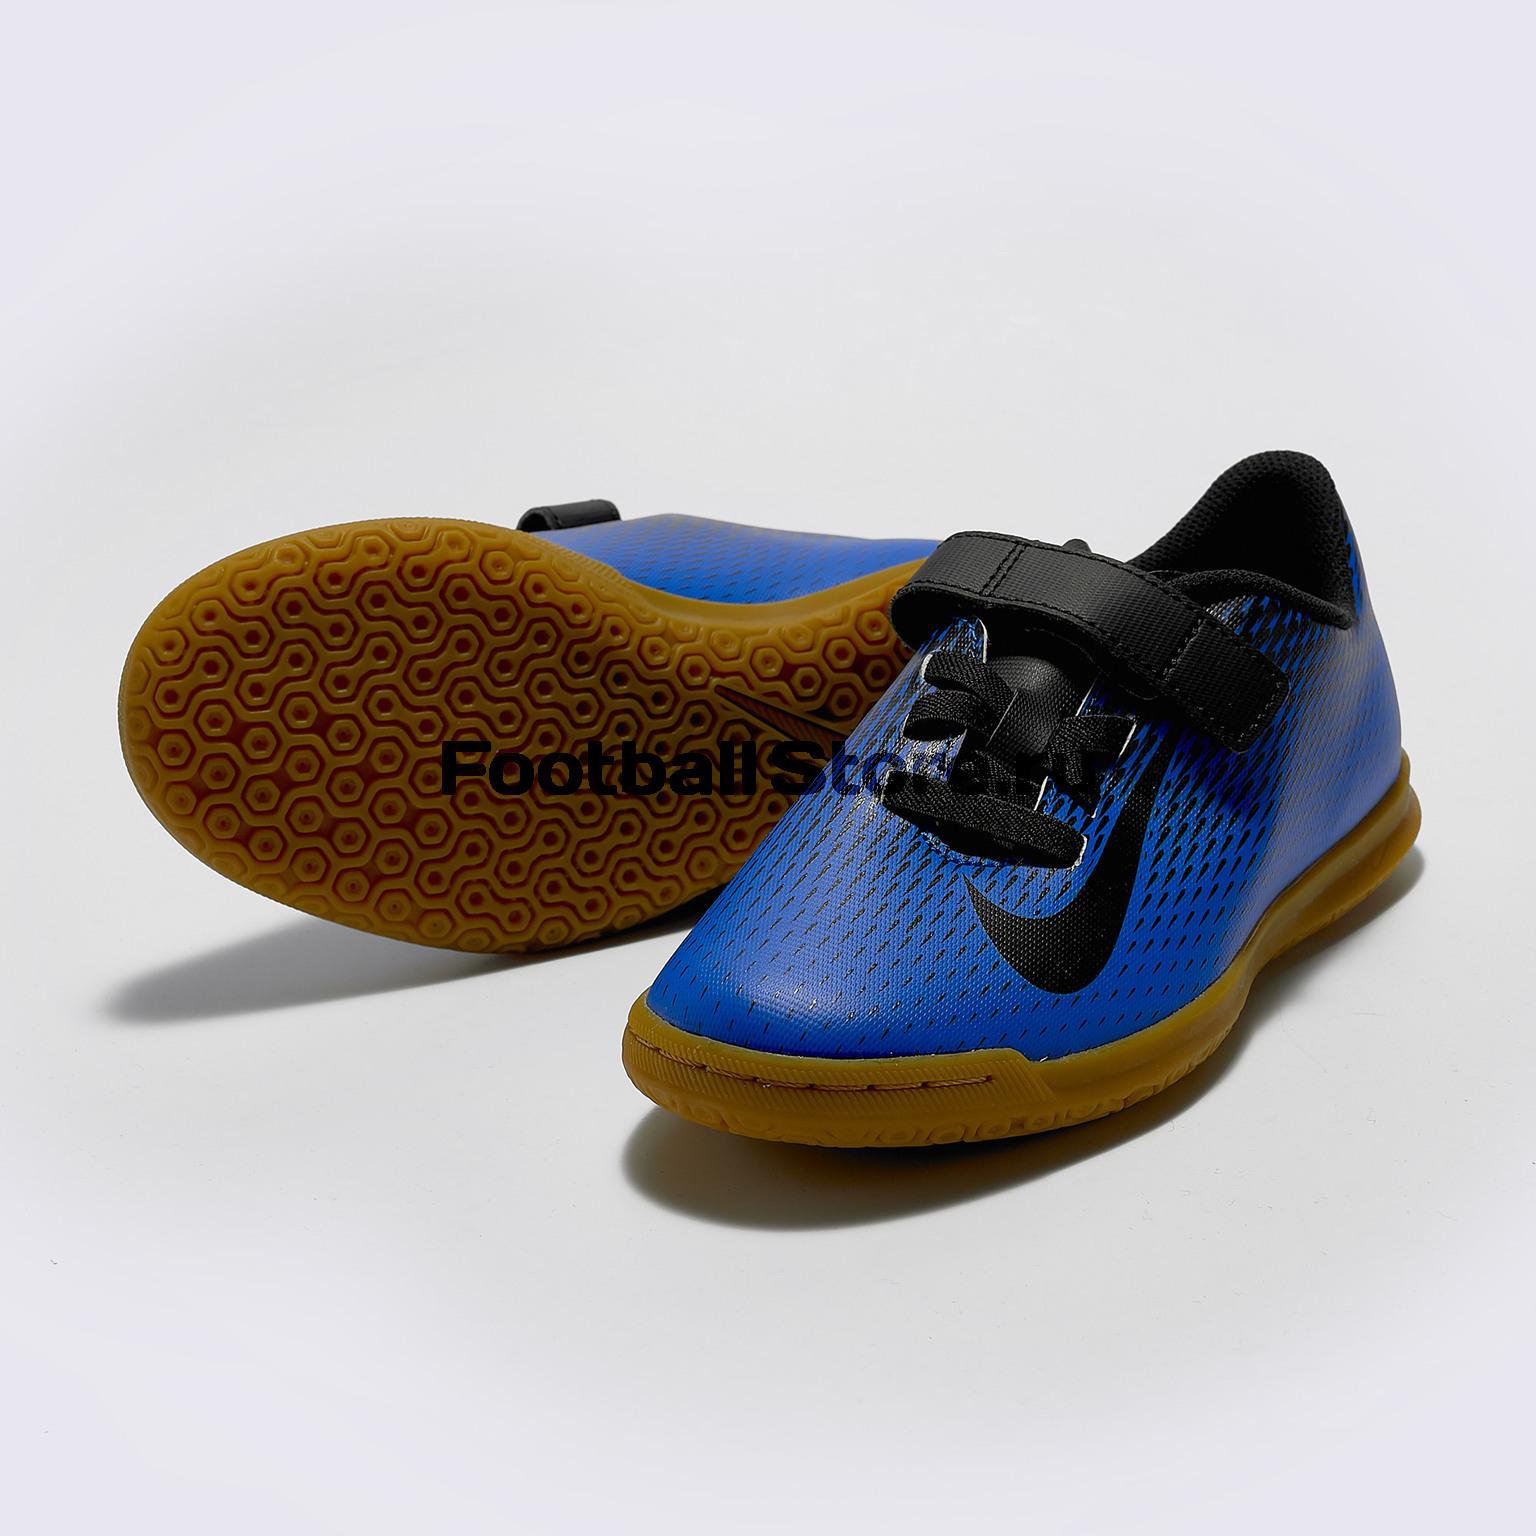 Футзалки детские Nike Bravata II IC 844439-400 футзалки nike tiempo premier ii sala av3153 010